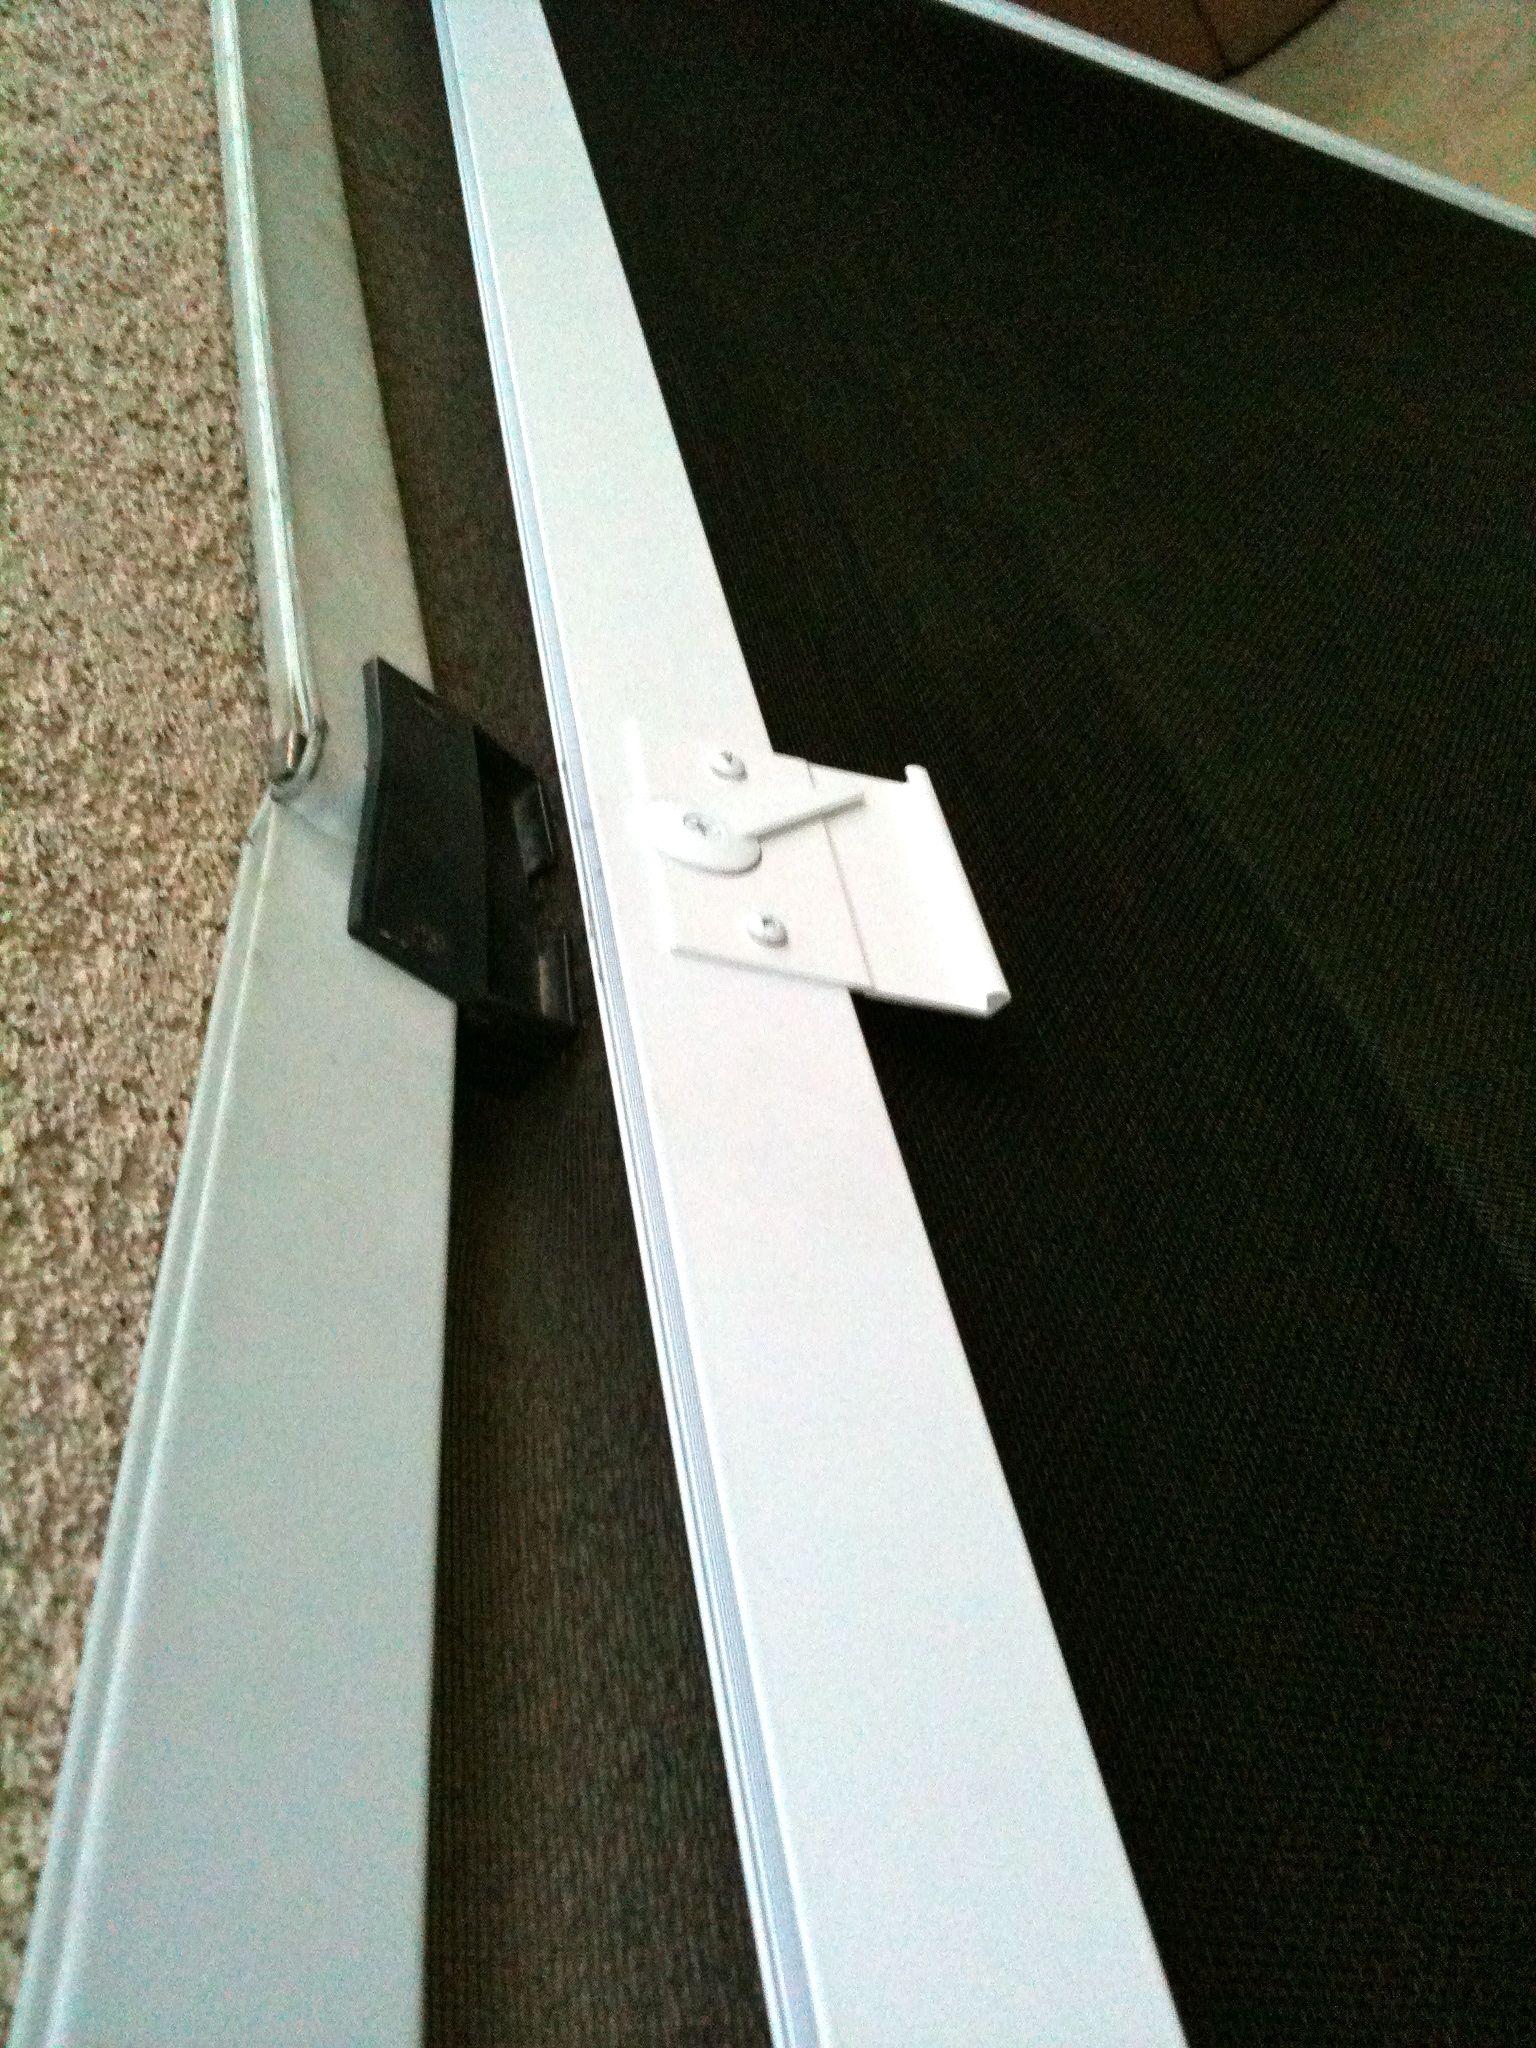 Peachtree door image 4 for Peachtree fiberglass entry doors